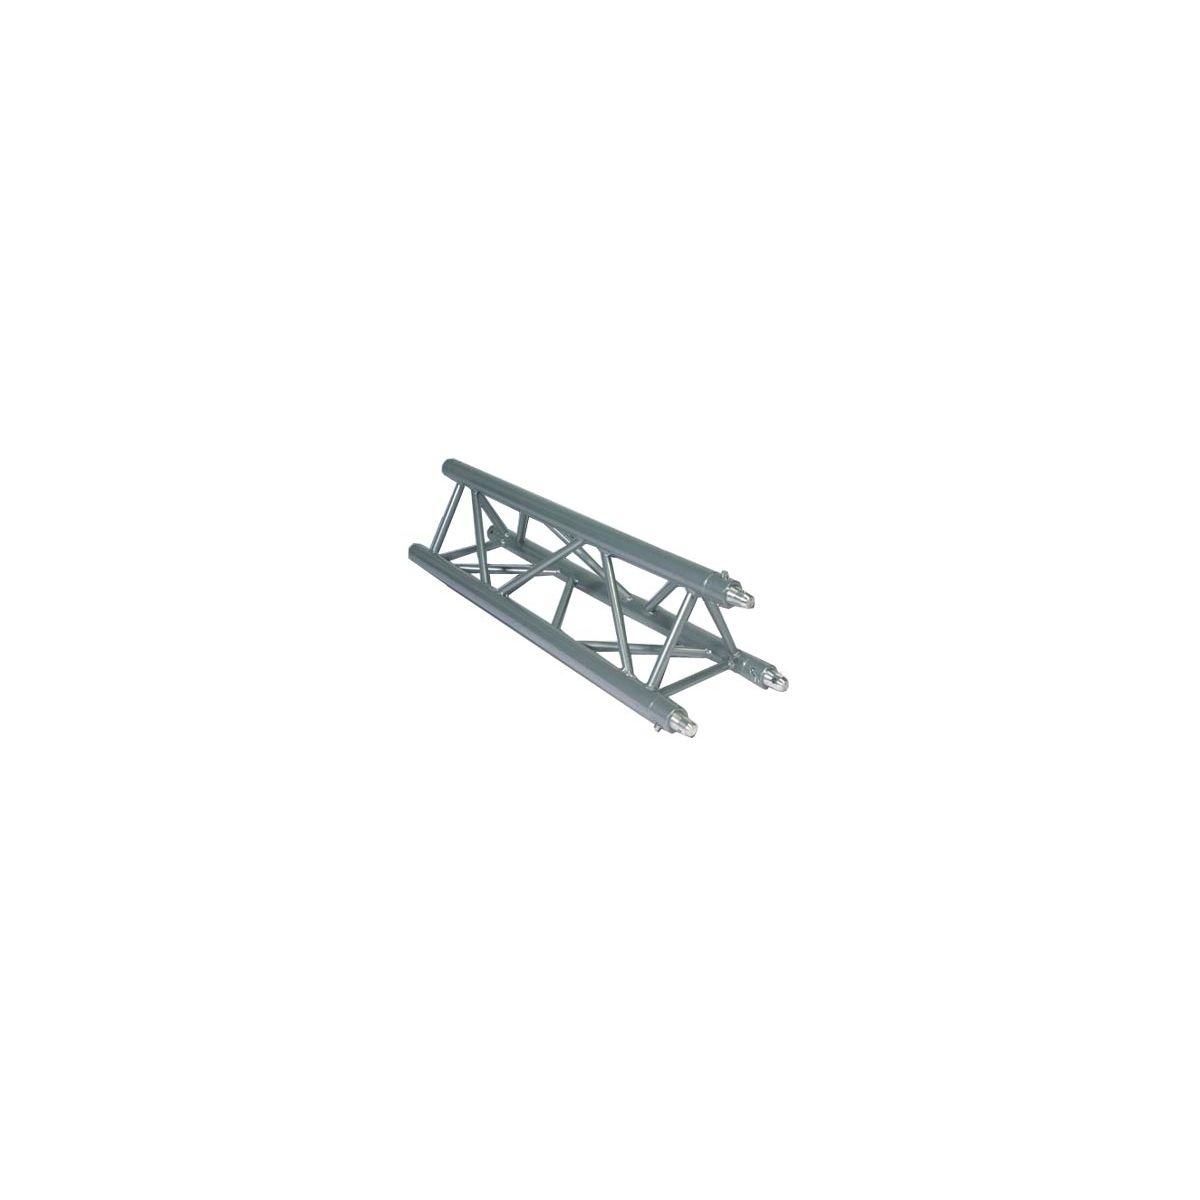 Structures aluminium - Mobiltruss - TRIO 30130